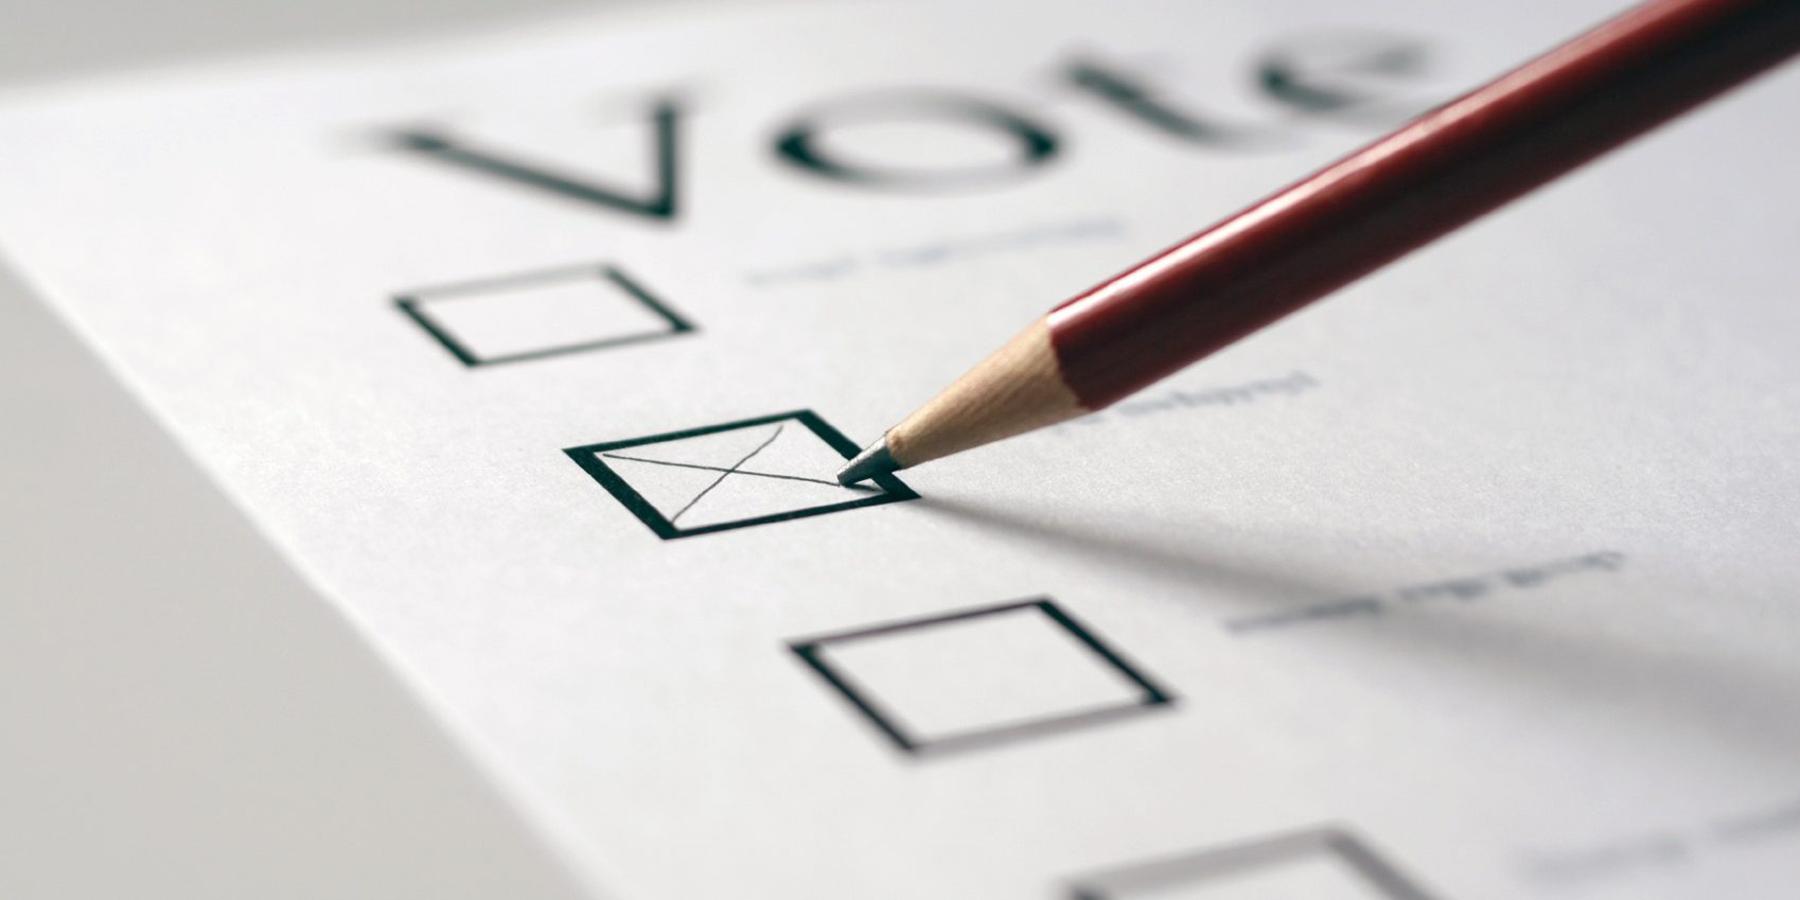 Foto29 Votacao da maconha Eleitores de New Jersey votarão legalização da maconha em 2020